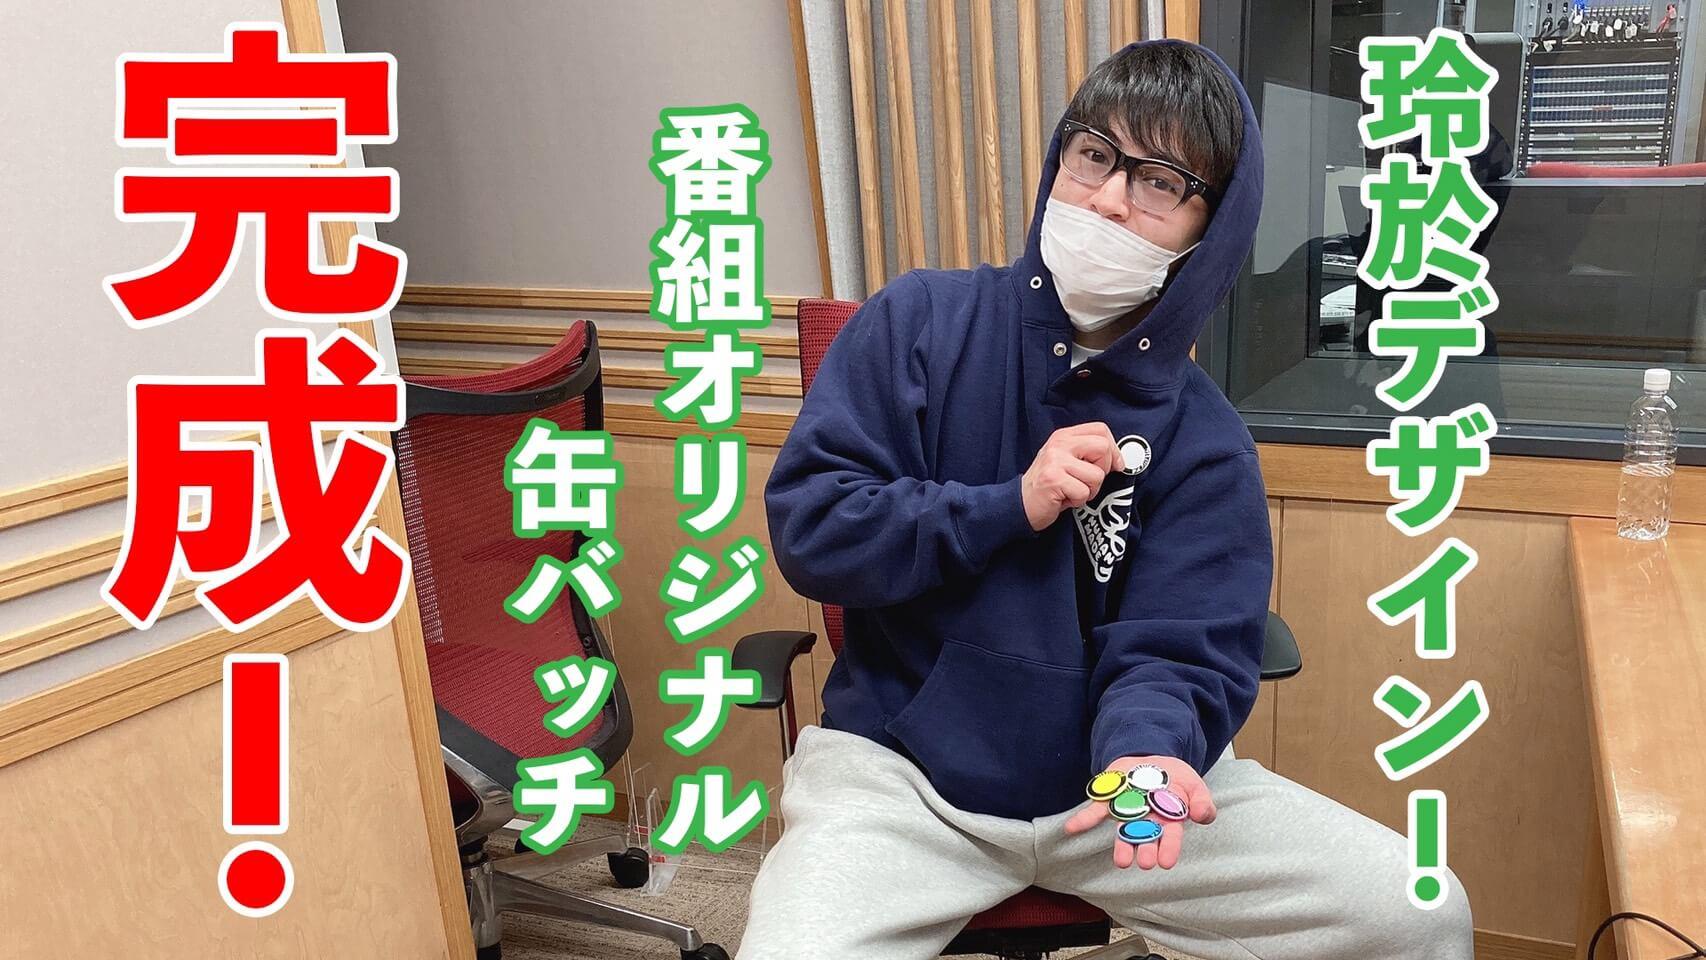 玲於デザイン!番組オリジナル缶バッチ完成!